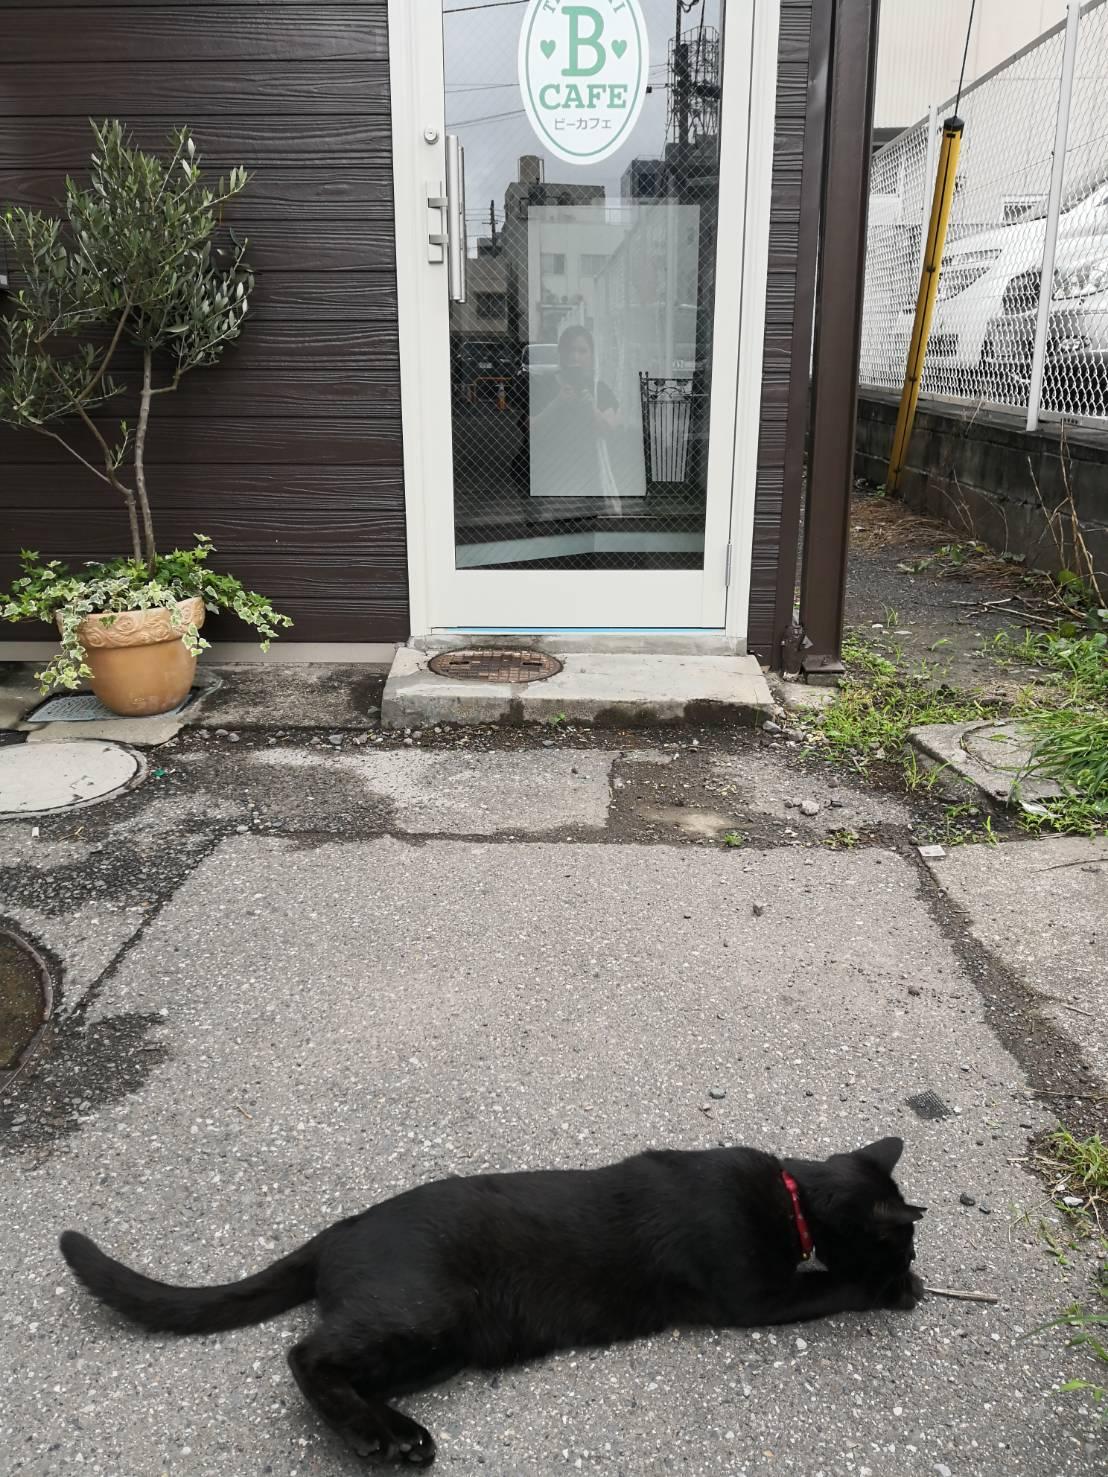 黒猫が遊びに来る「猫カフェ」のような占い館!本当に可愛い人懐っこい猫ちゃんです